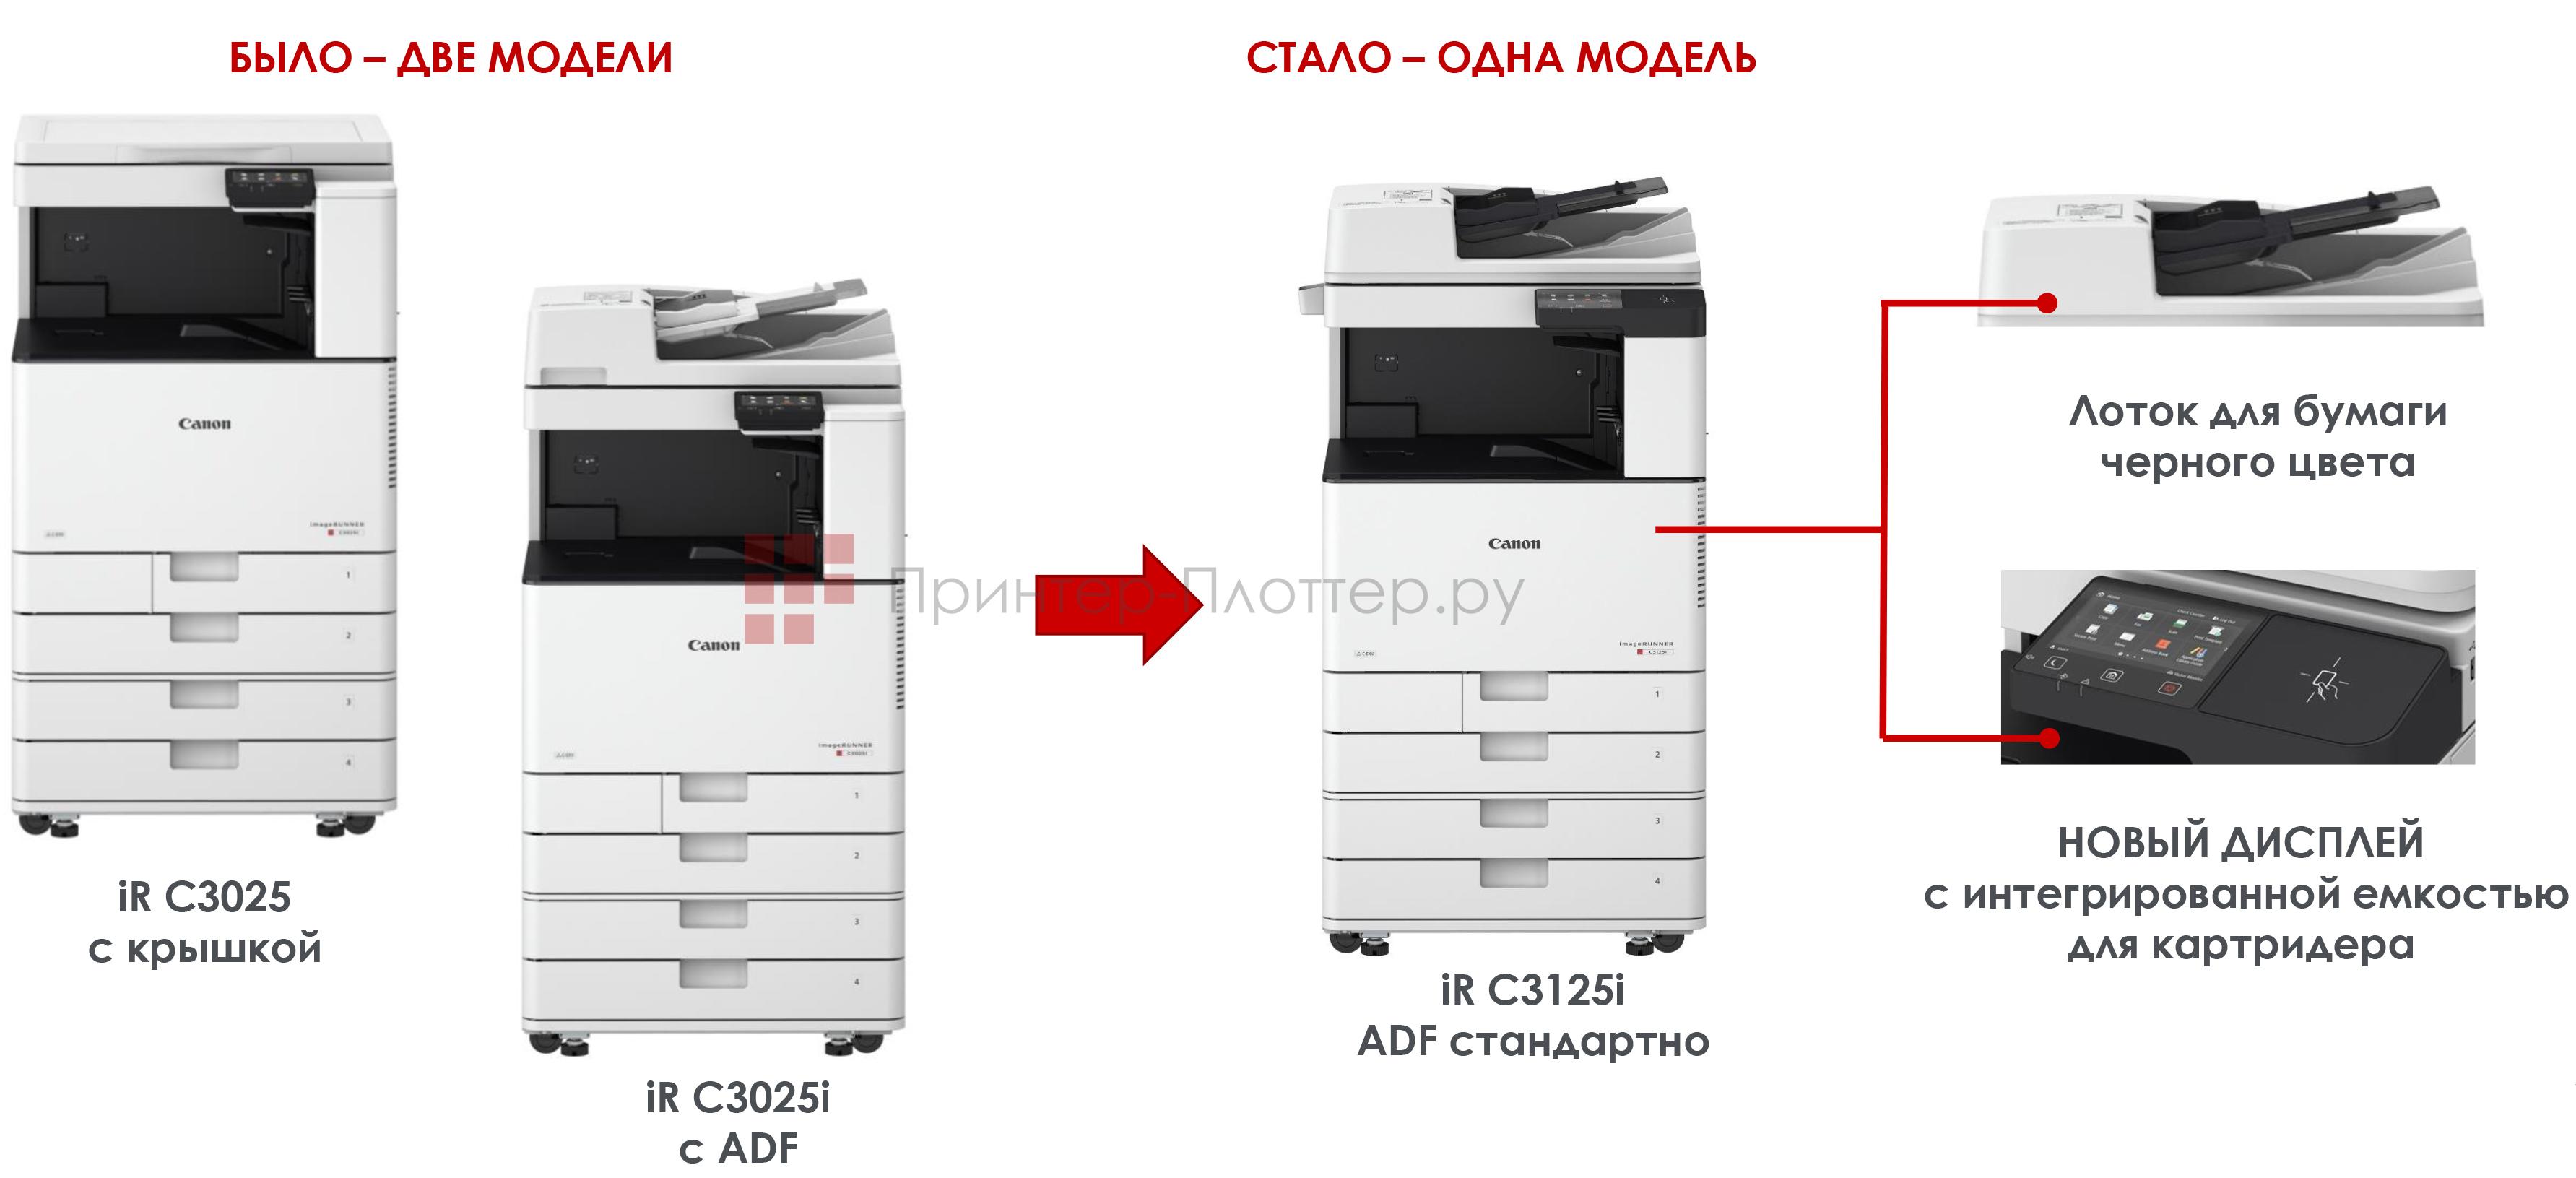 Обновленная конструкция МФУ Canon imageRUNNER C3125i